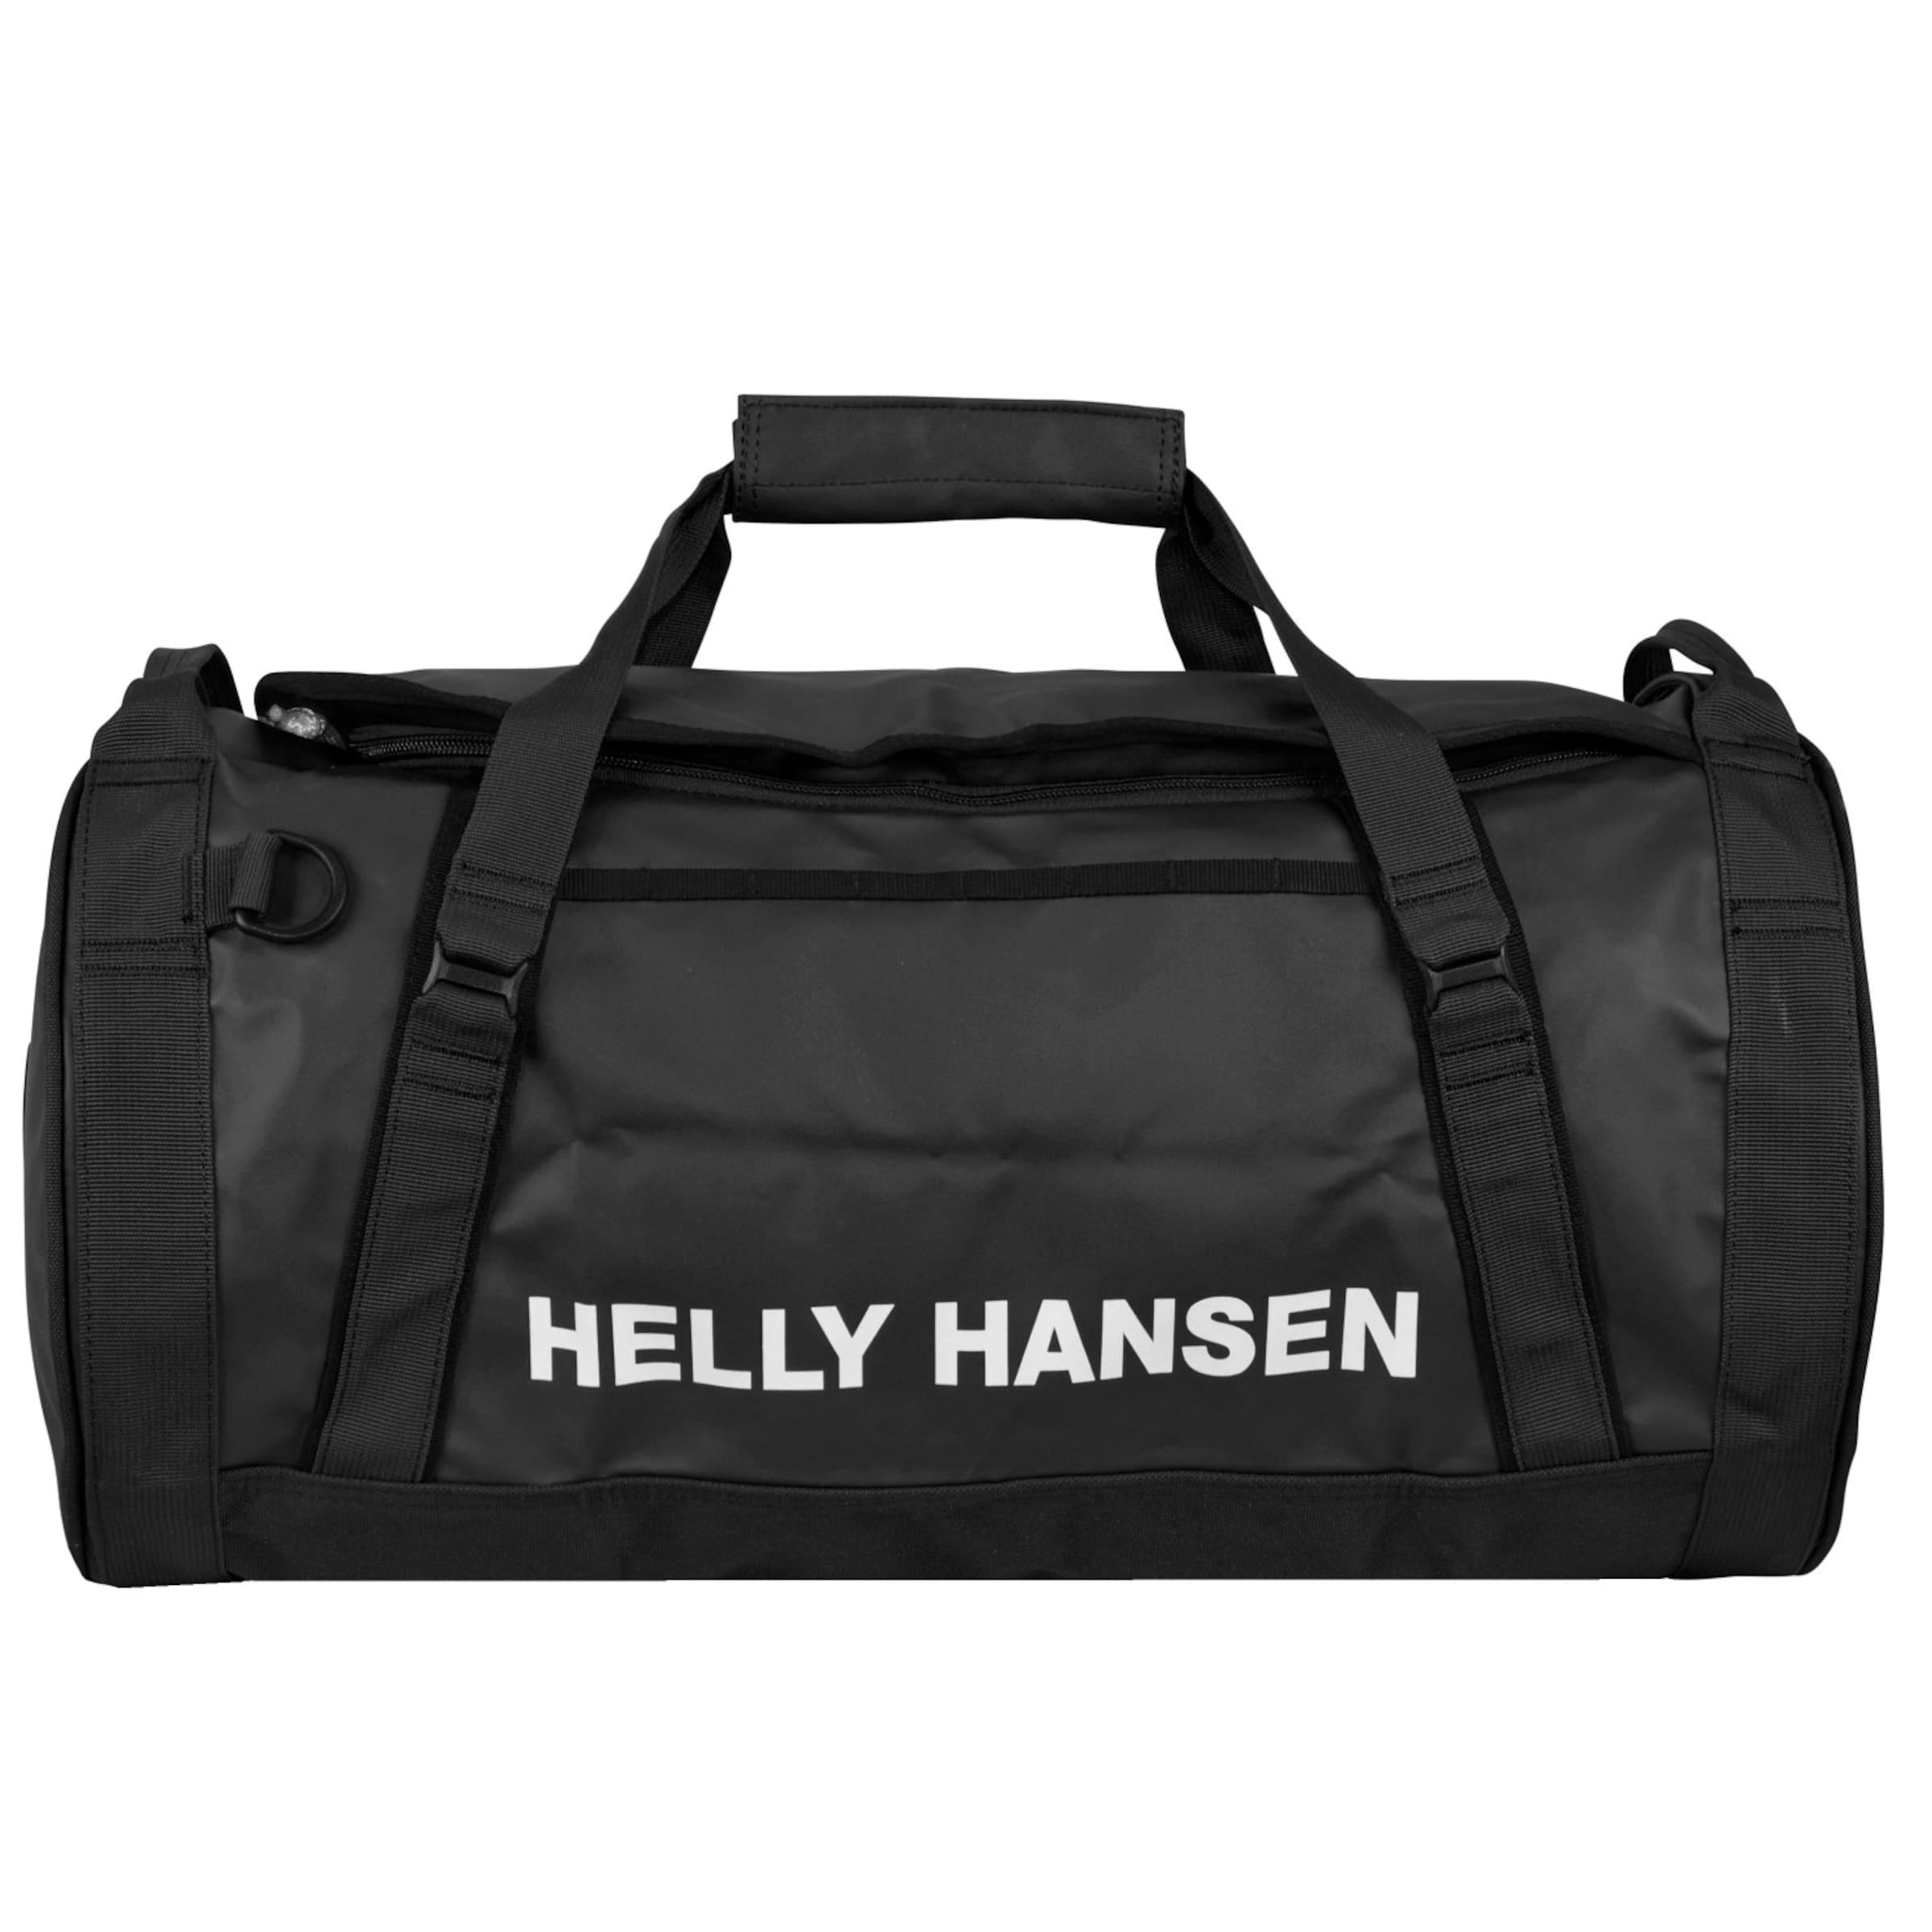 Discount-Marke Neue Unisex Mit Visum Zahlen Zu Verkaufen HELLY HANSEN Duffle Bag 2 Reisetasche 50L 60 cm Vermarktbare Online j98y56OK